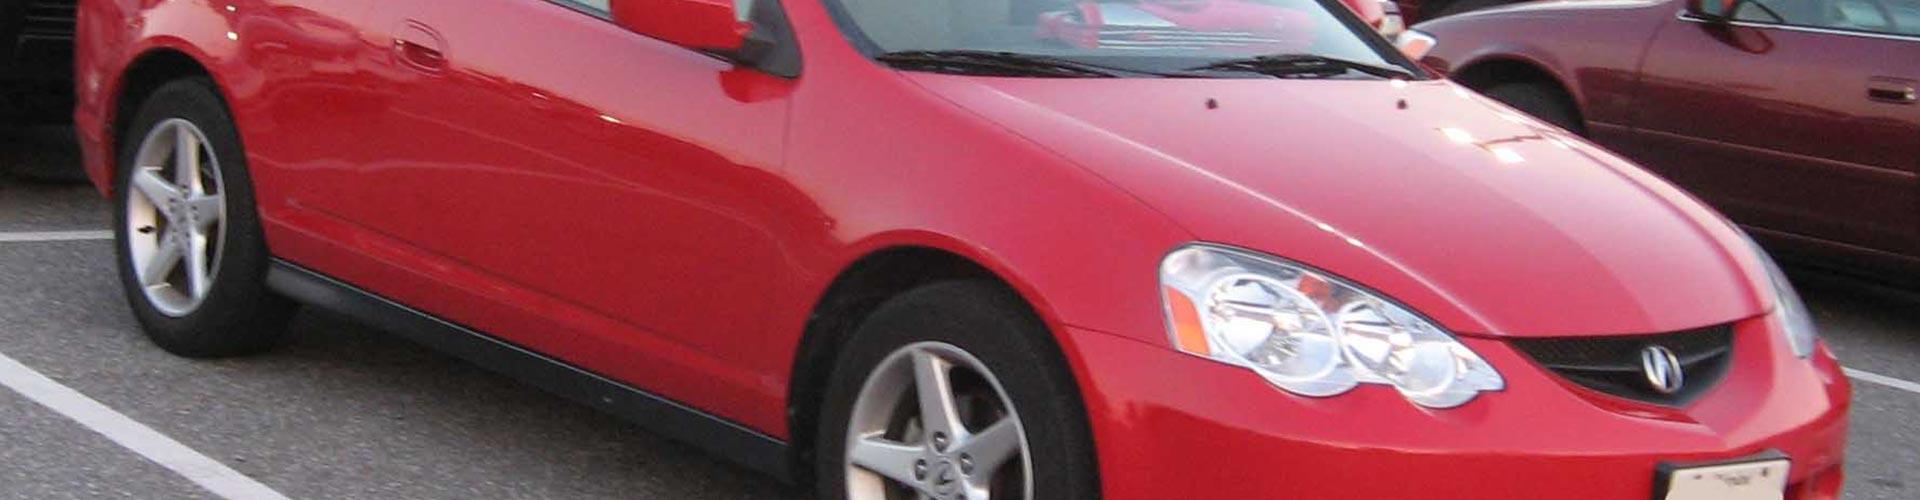 Acura RSX Hatchback